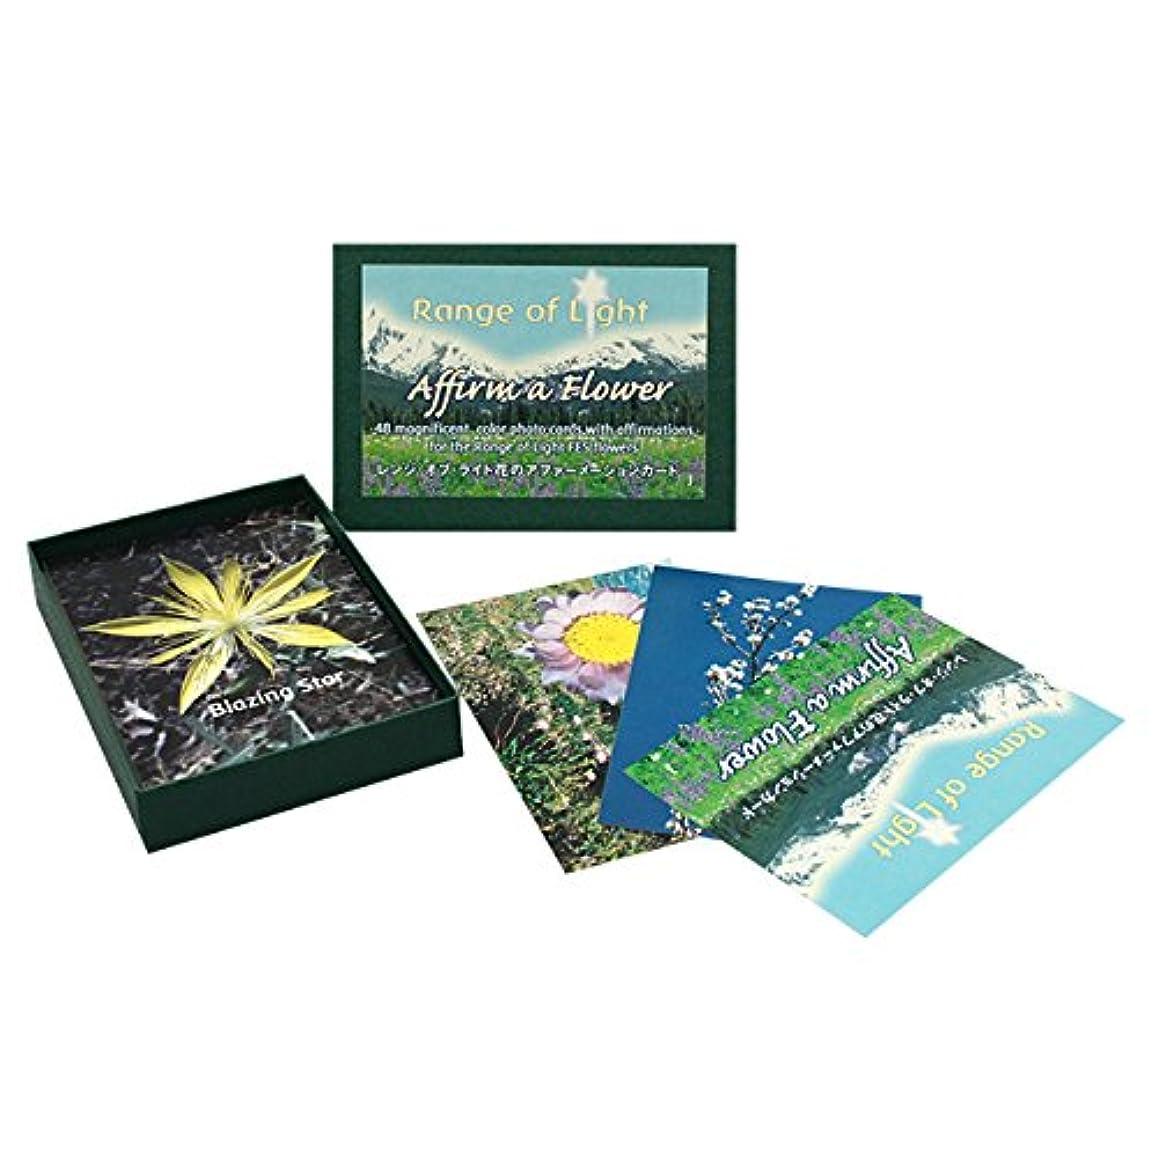 ボイドミスペンドホーンFESフラワーエッセンス/その他[レンジオブライトアファメーションカード全48枚(日本語版)]